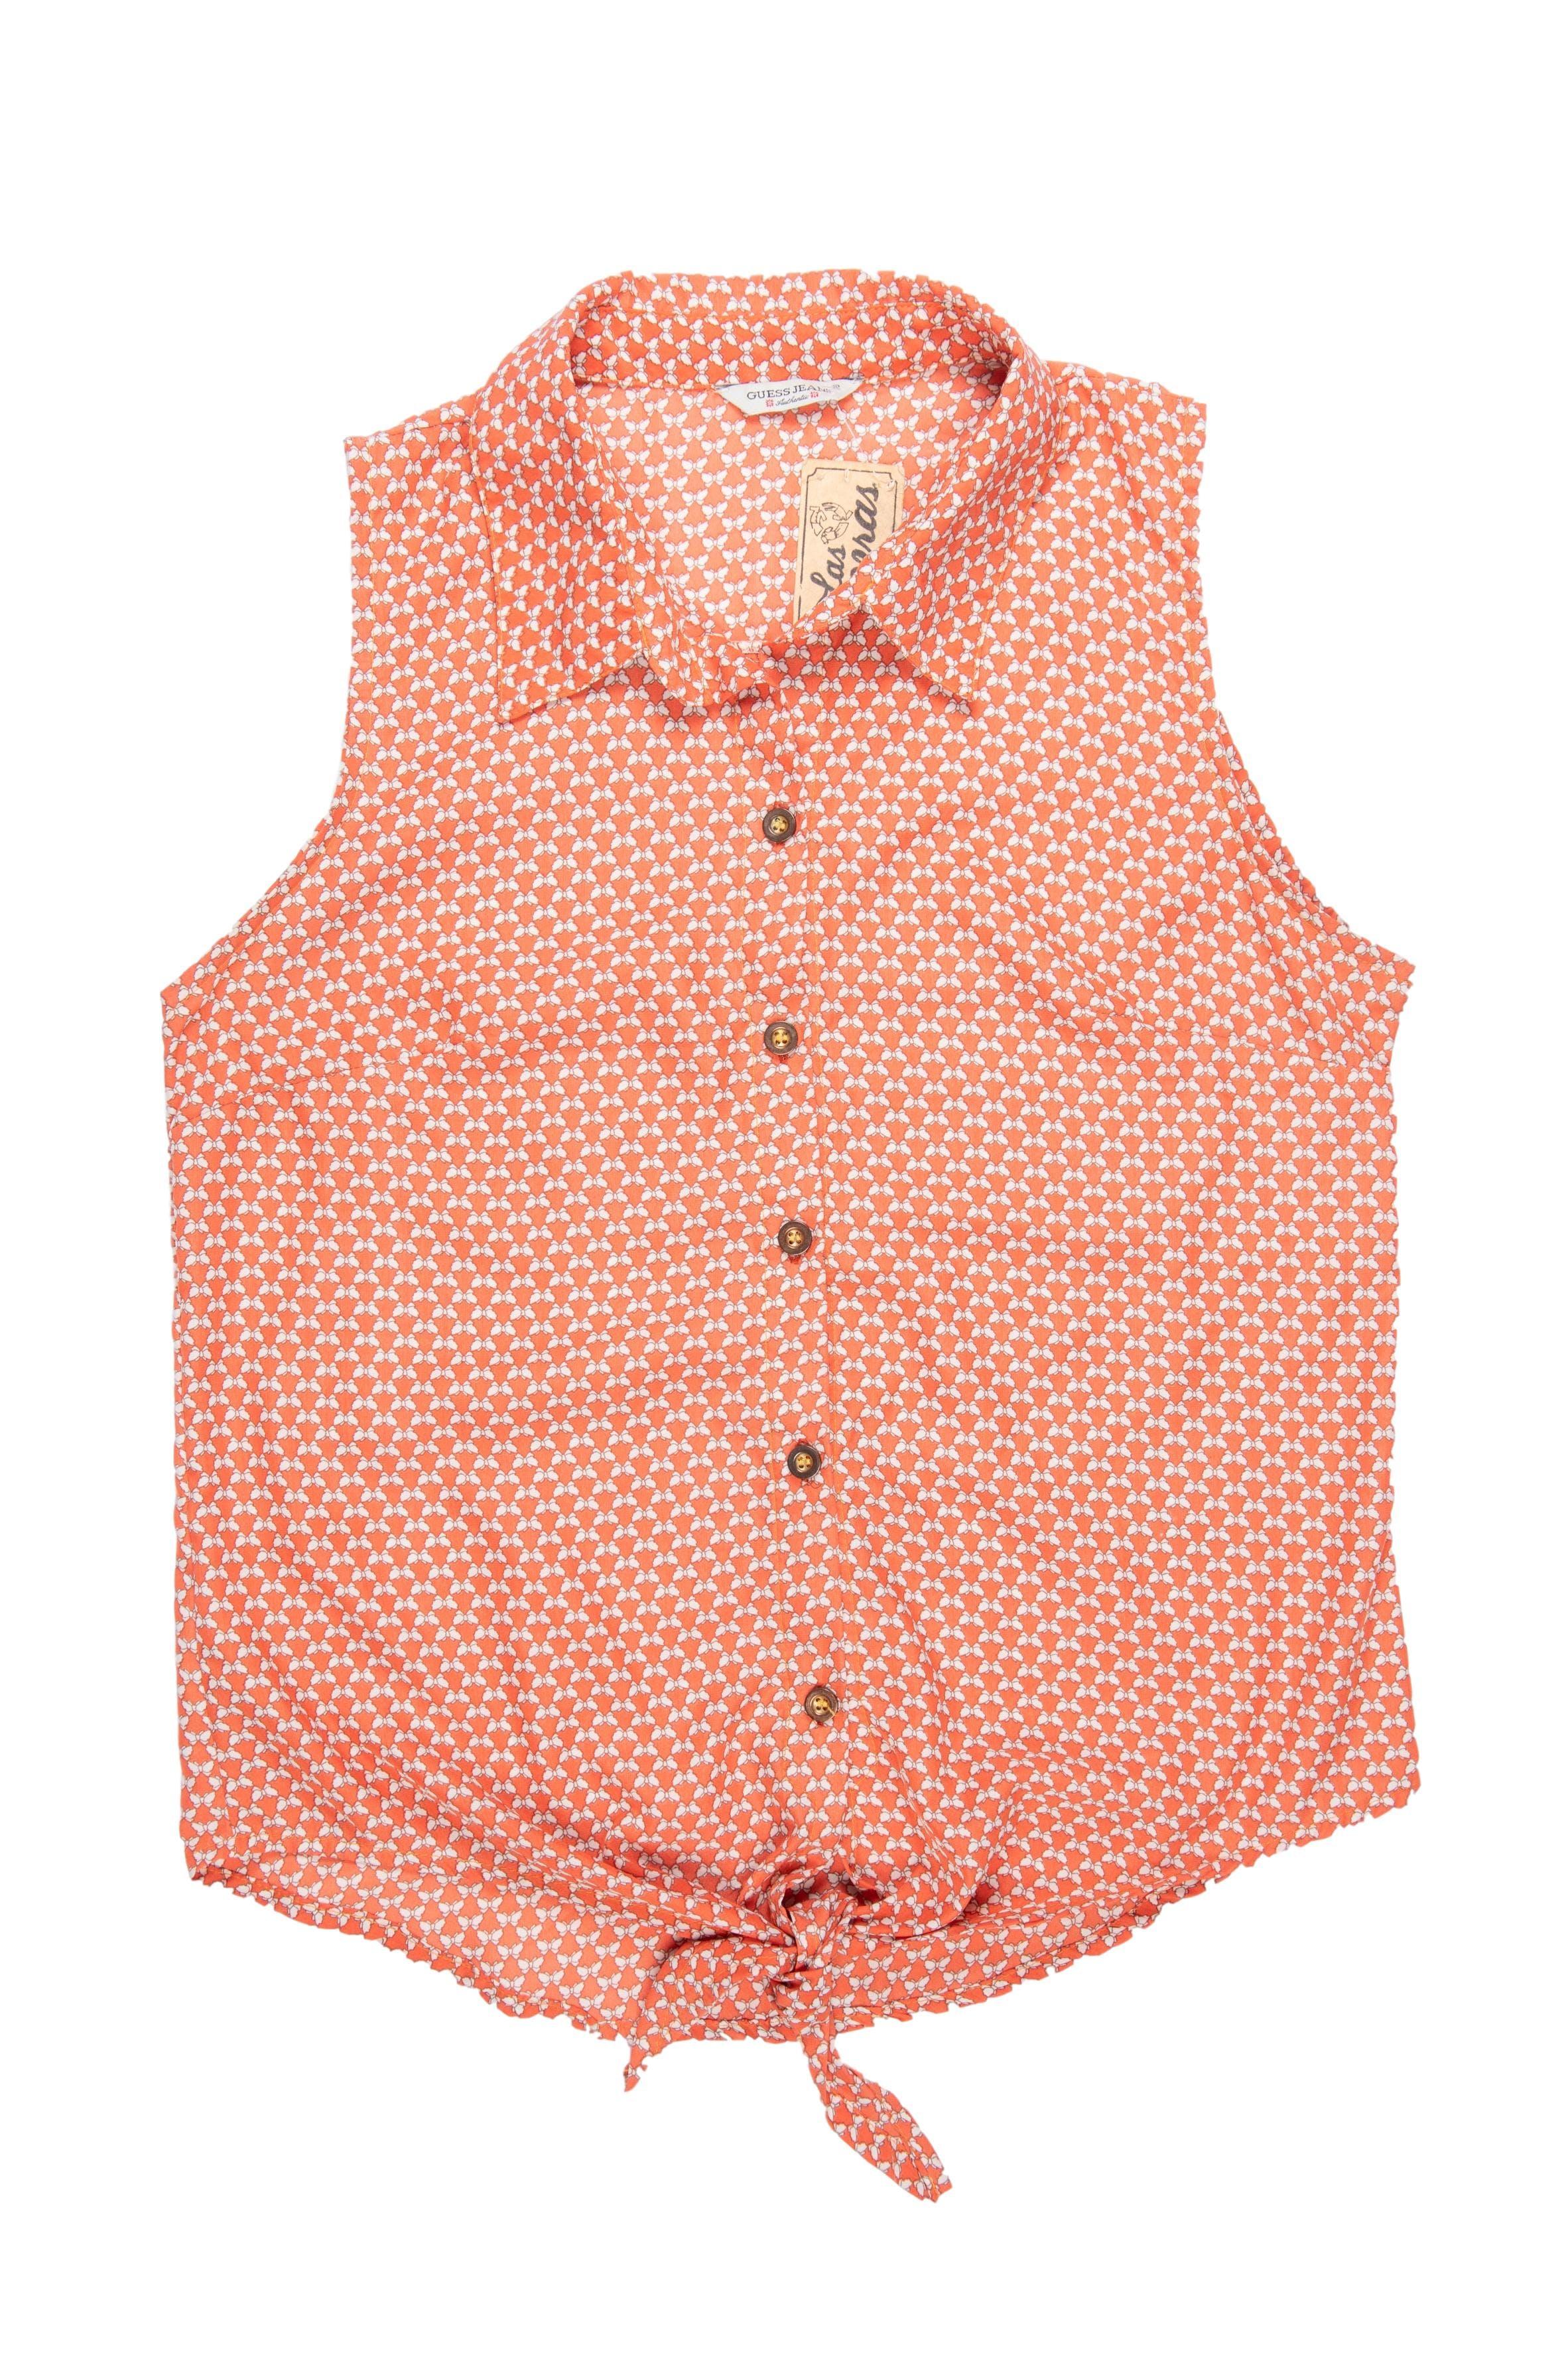 Blusa Guess Jeans tela plana anaranjada con print crema, botones delanteros y se puede amarrar en la basta. Busto 98cm